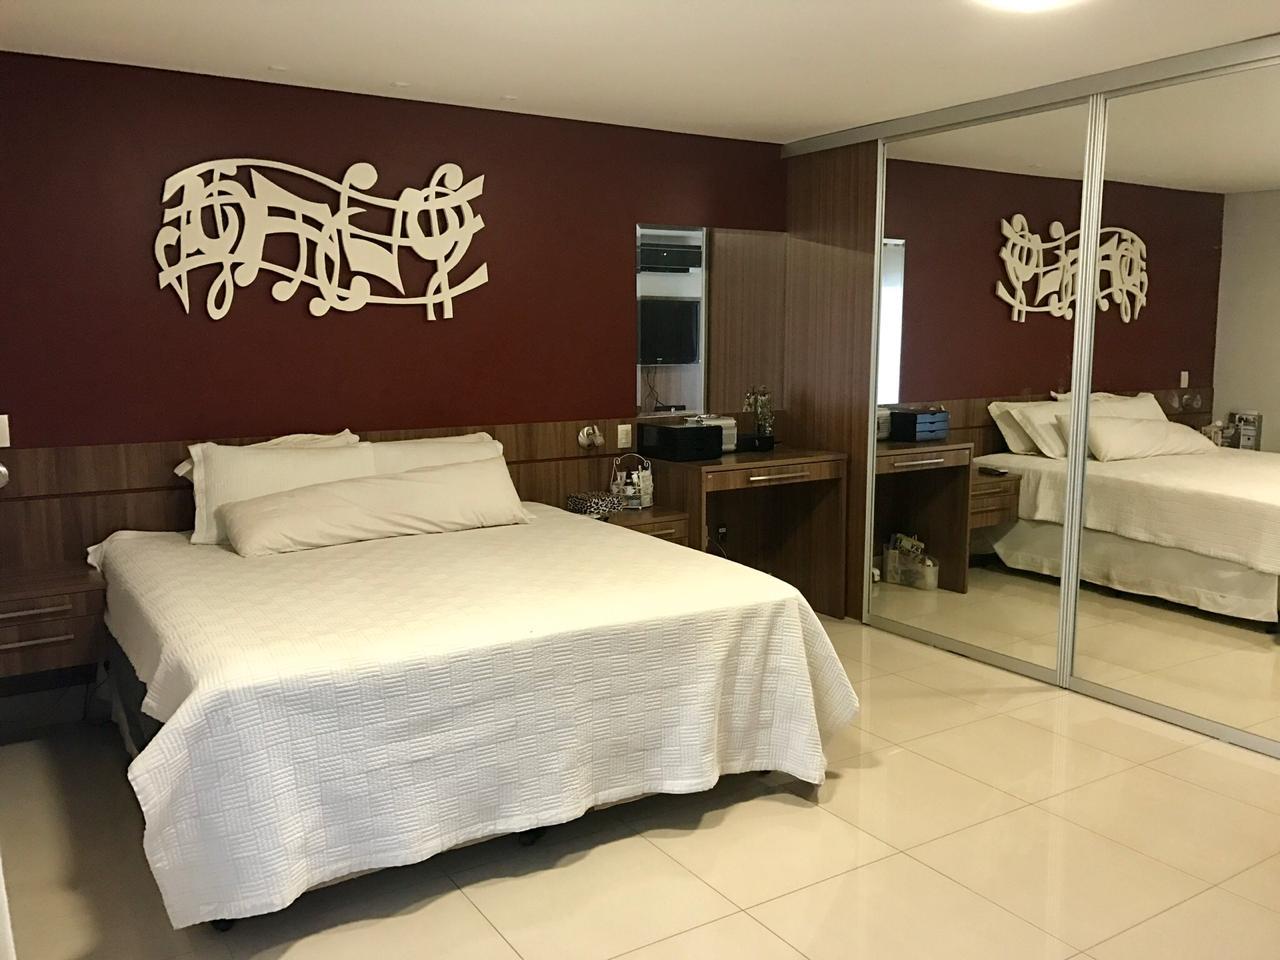 Casa  com 3 quartos sendo 3 Suítes no Condominio Alphaville Cuiaba I, Cuiabá  - MT